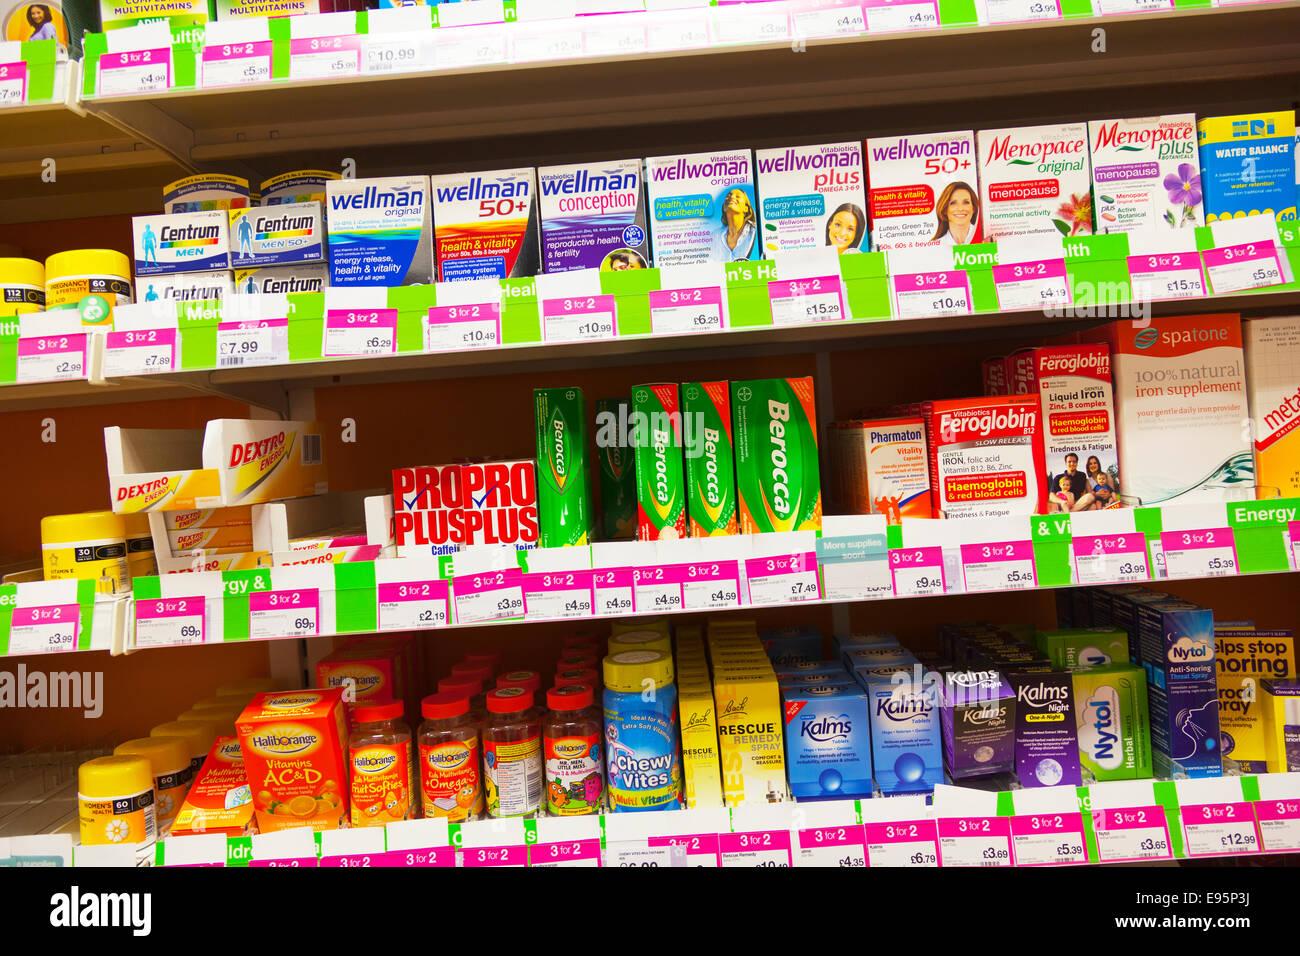 Wellman berocca vitaminas salud vitalidad producto productos en estantería en farmacias farmacias tienda interior Imagen De Stock